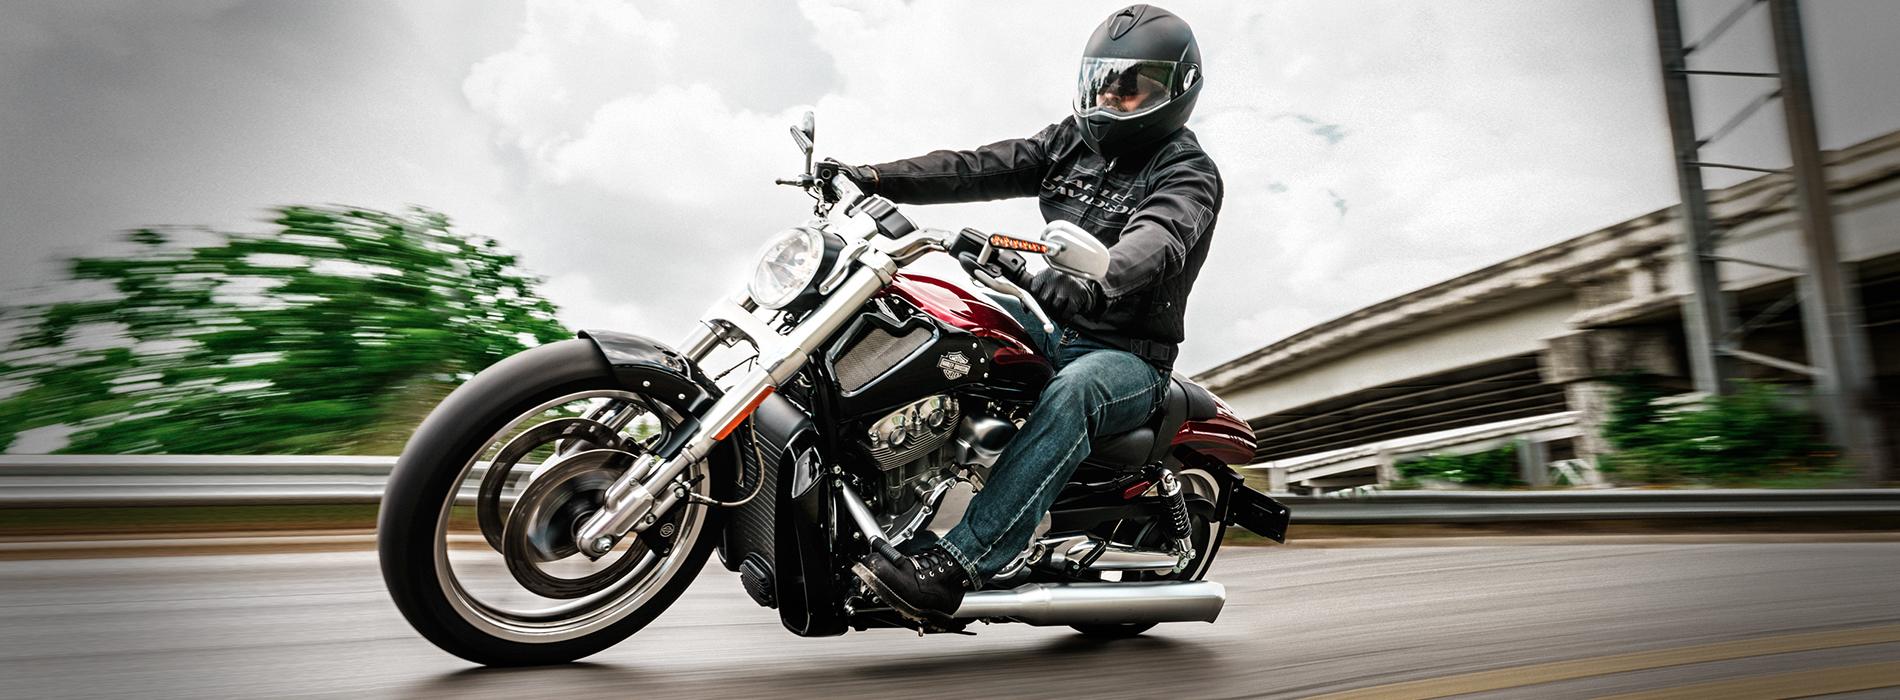 Harley Davidson Dealer Indiana